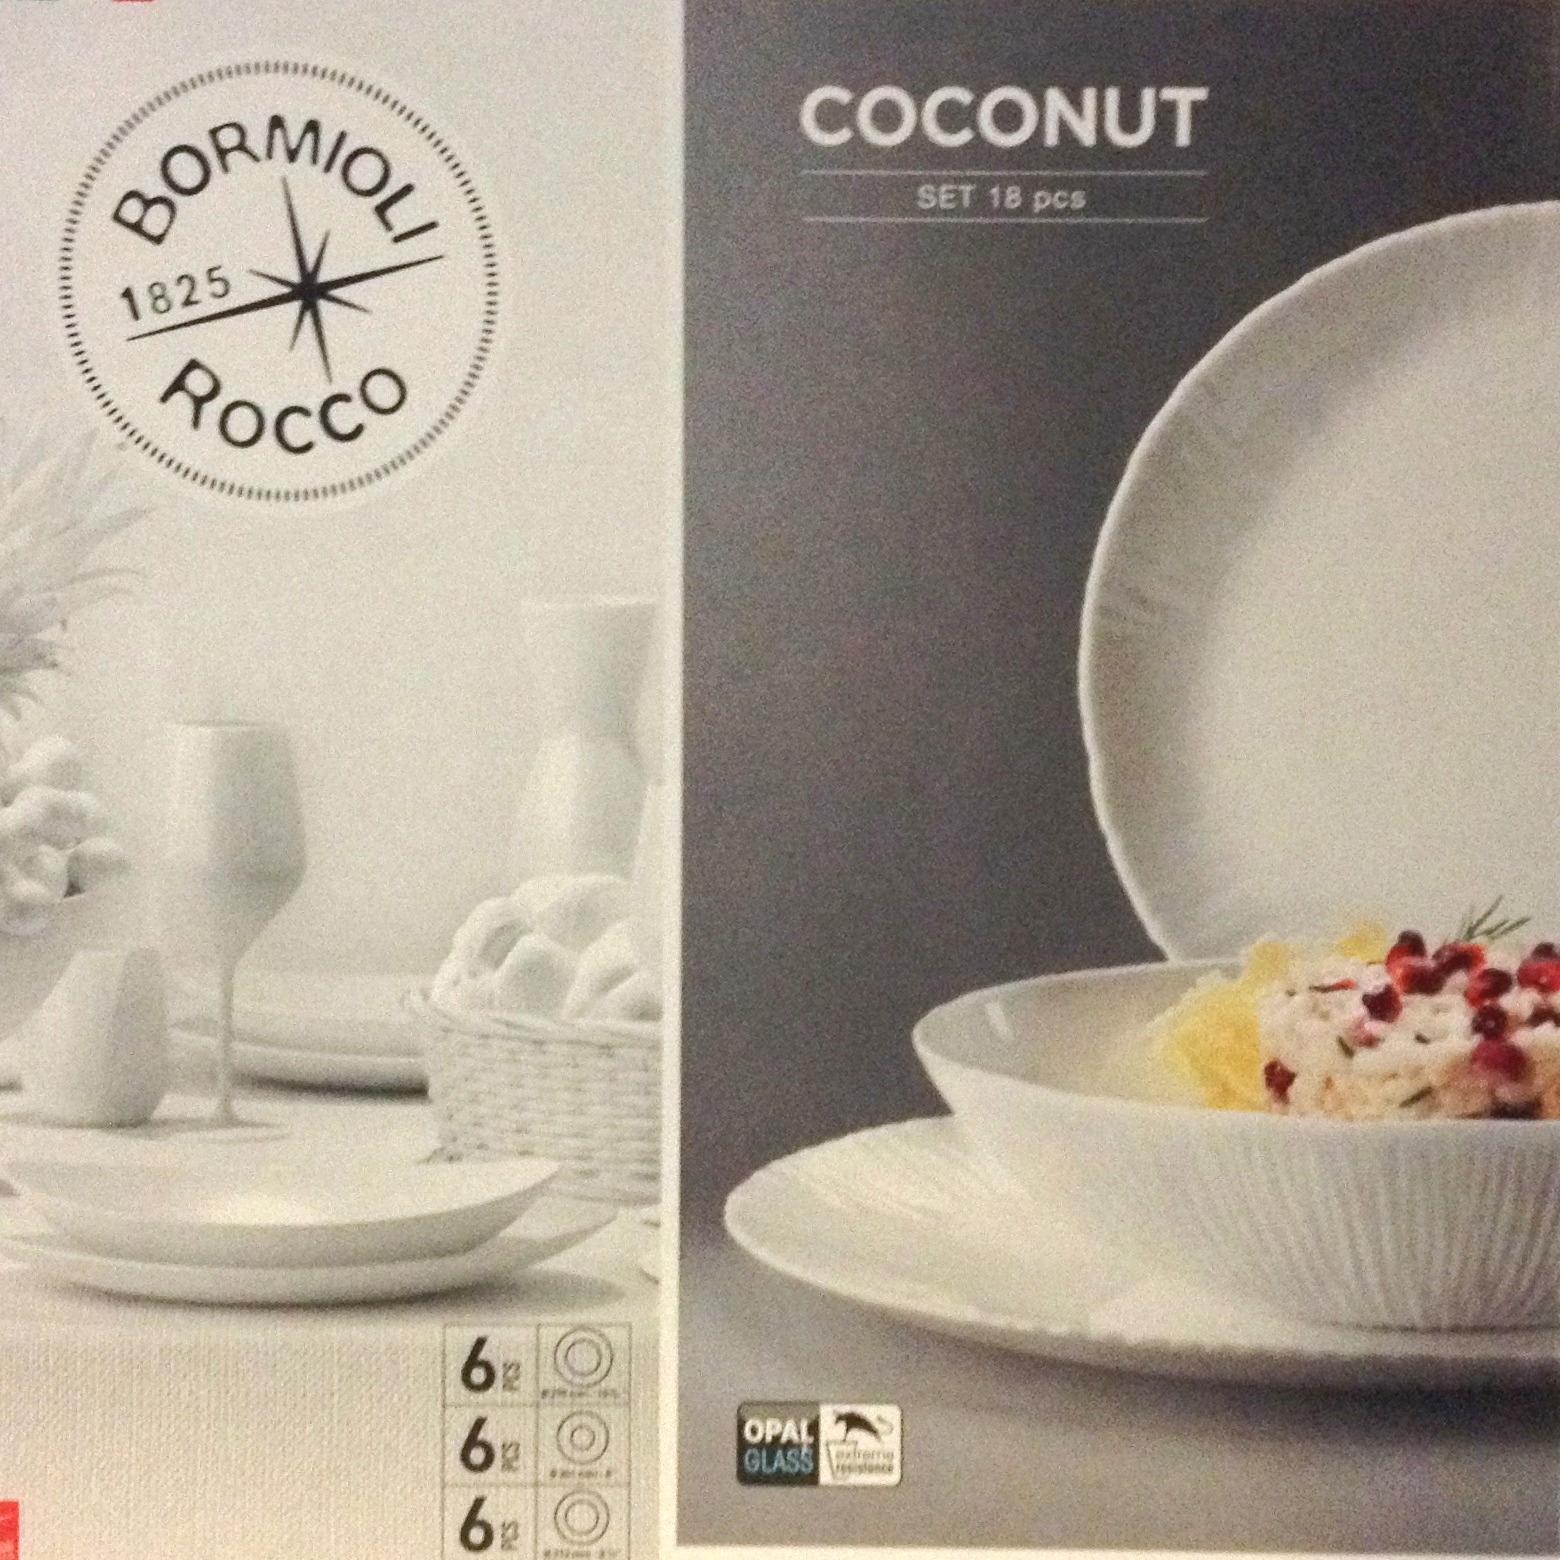 44b38ae993 Coconut 18 darabos Bormioli étkészlet - Főzz Könnyen! Konyha webáruház